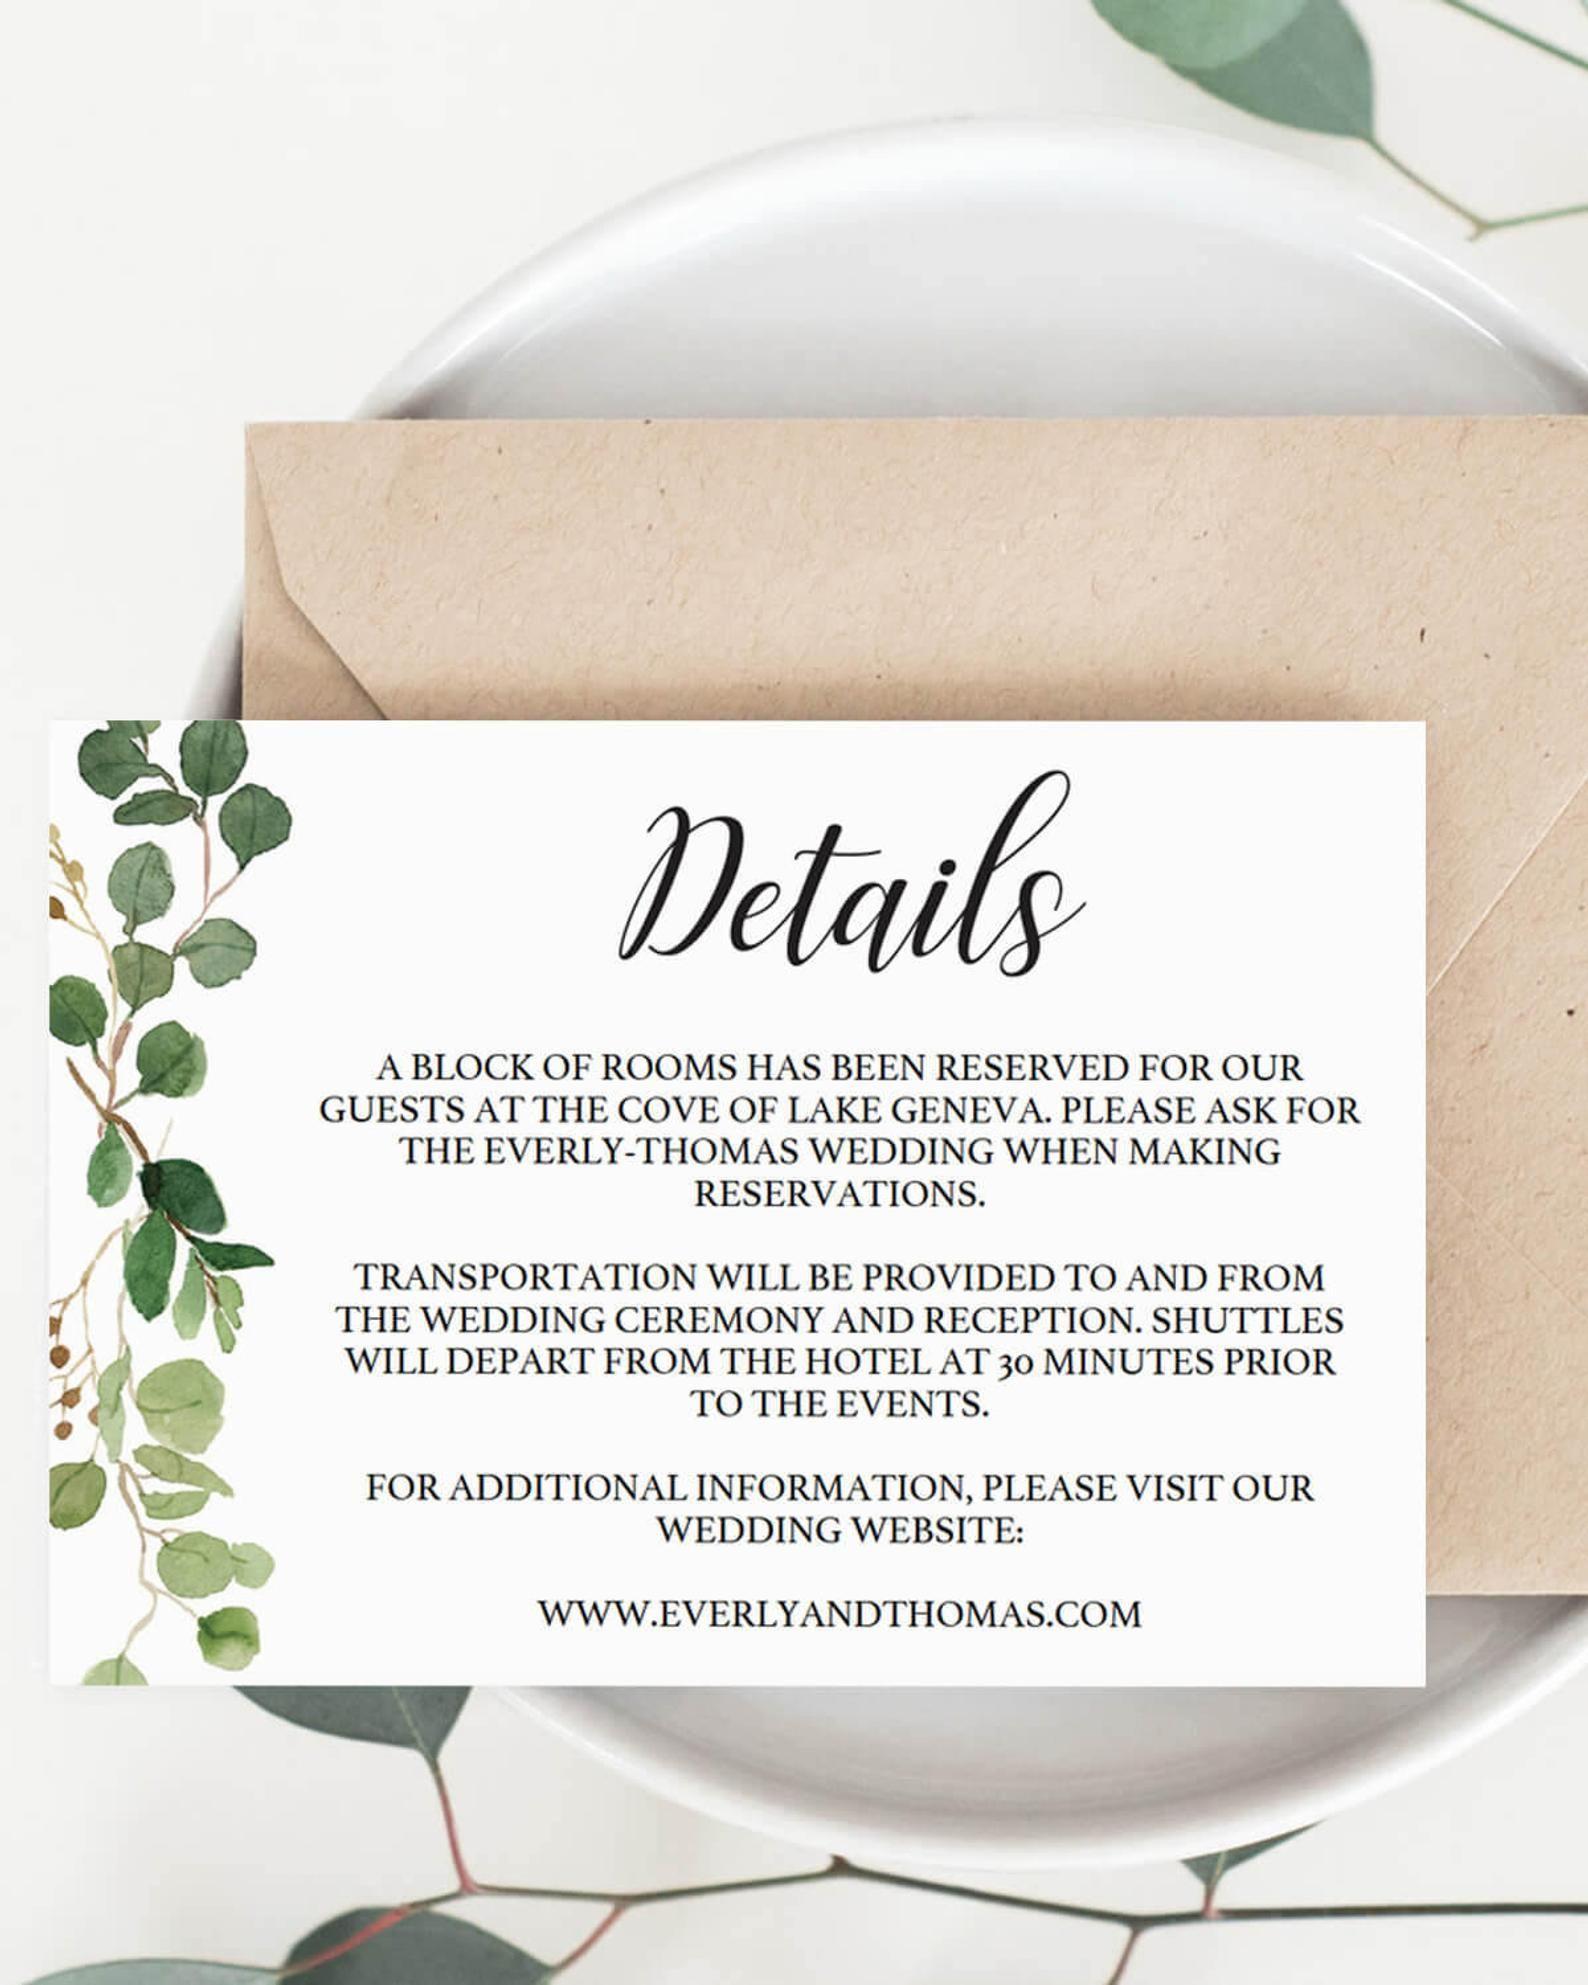 Wedding Information Card Insert Invitation Insert Cards